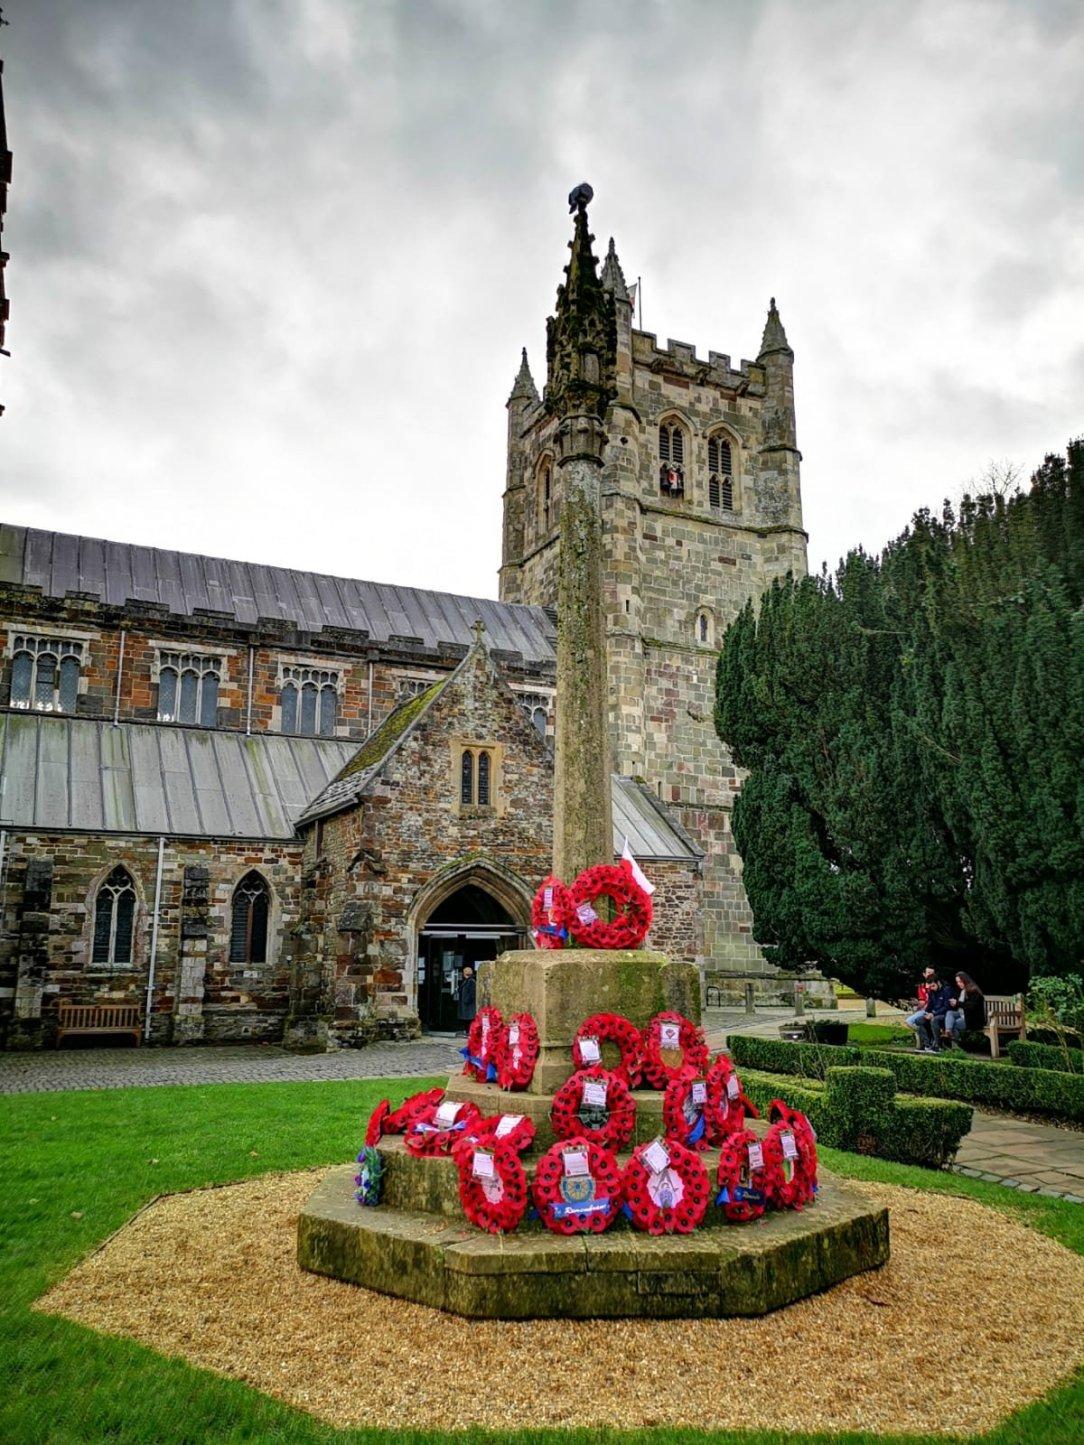 Wimborne Minster I jego piękny kościół